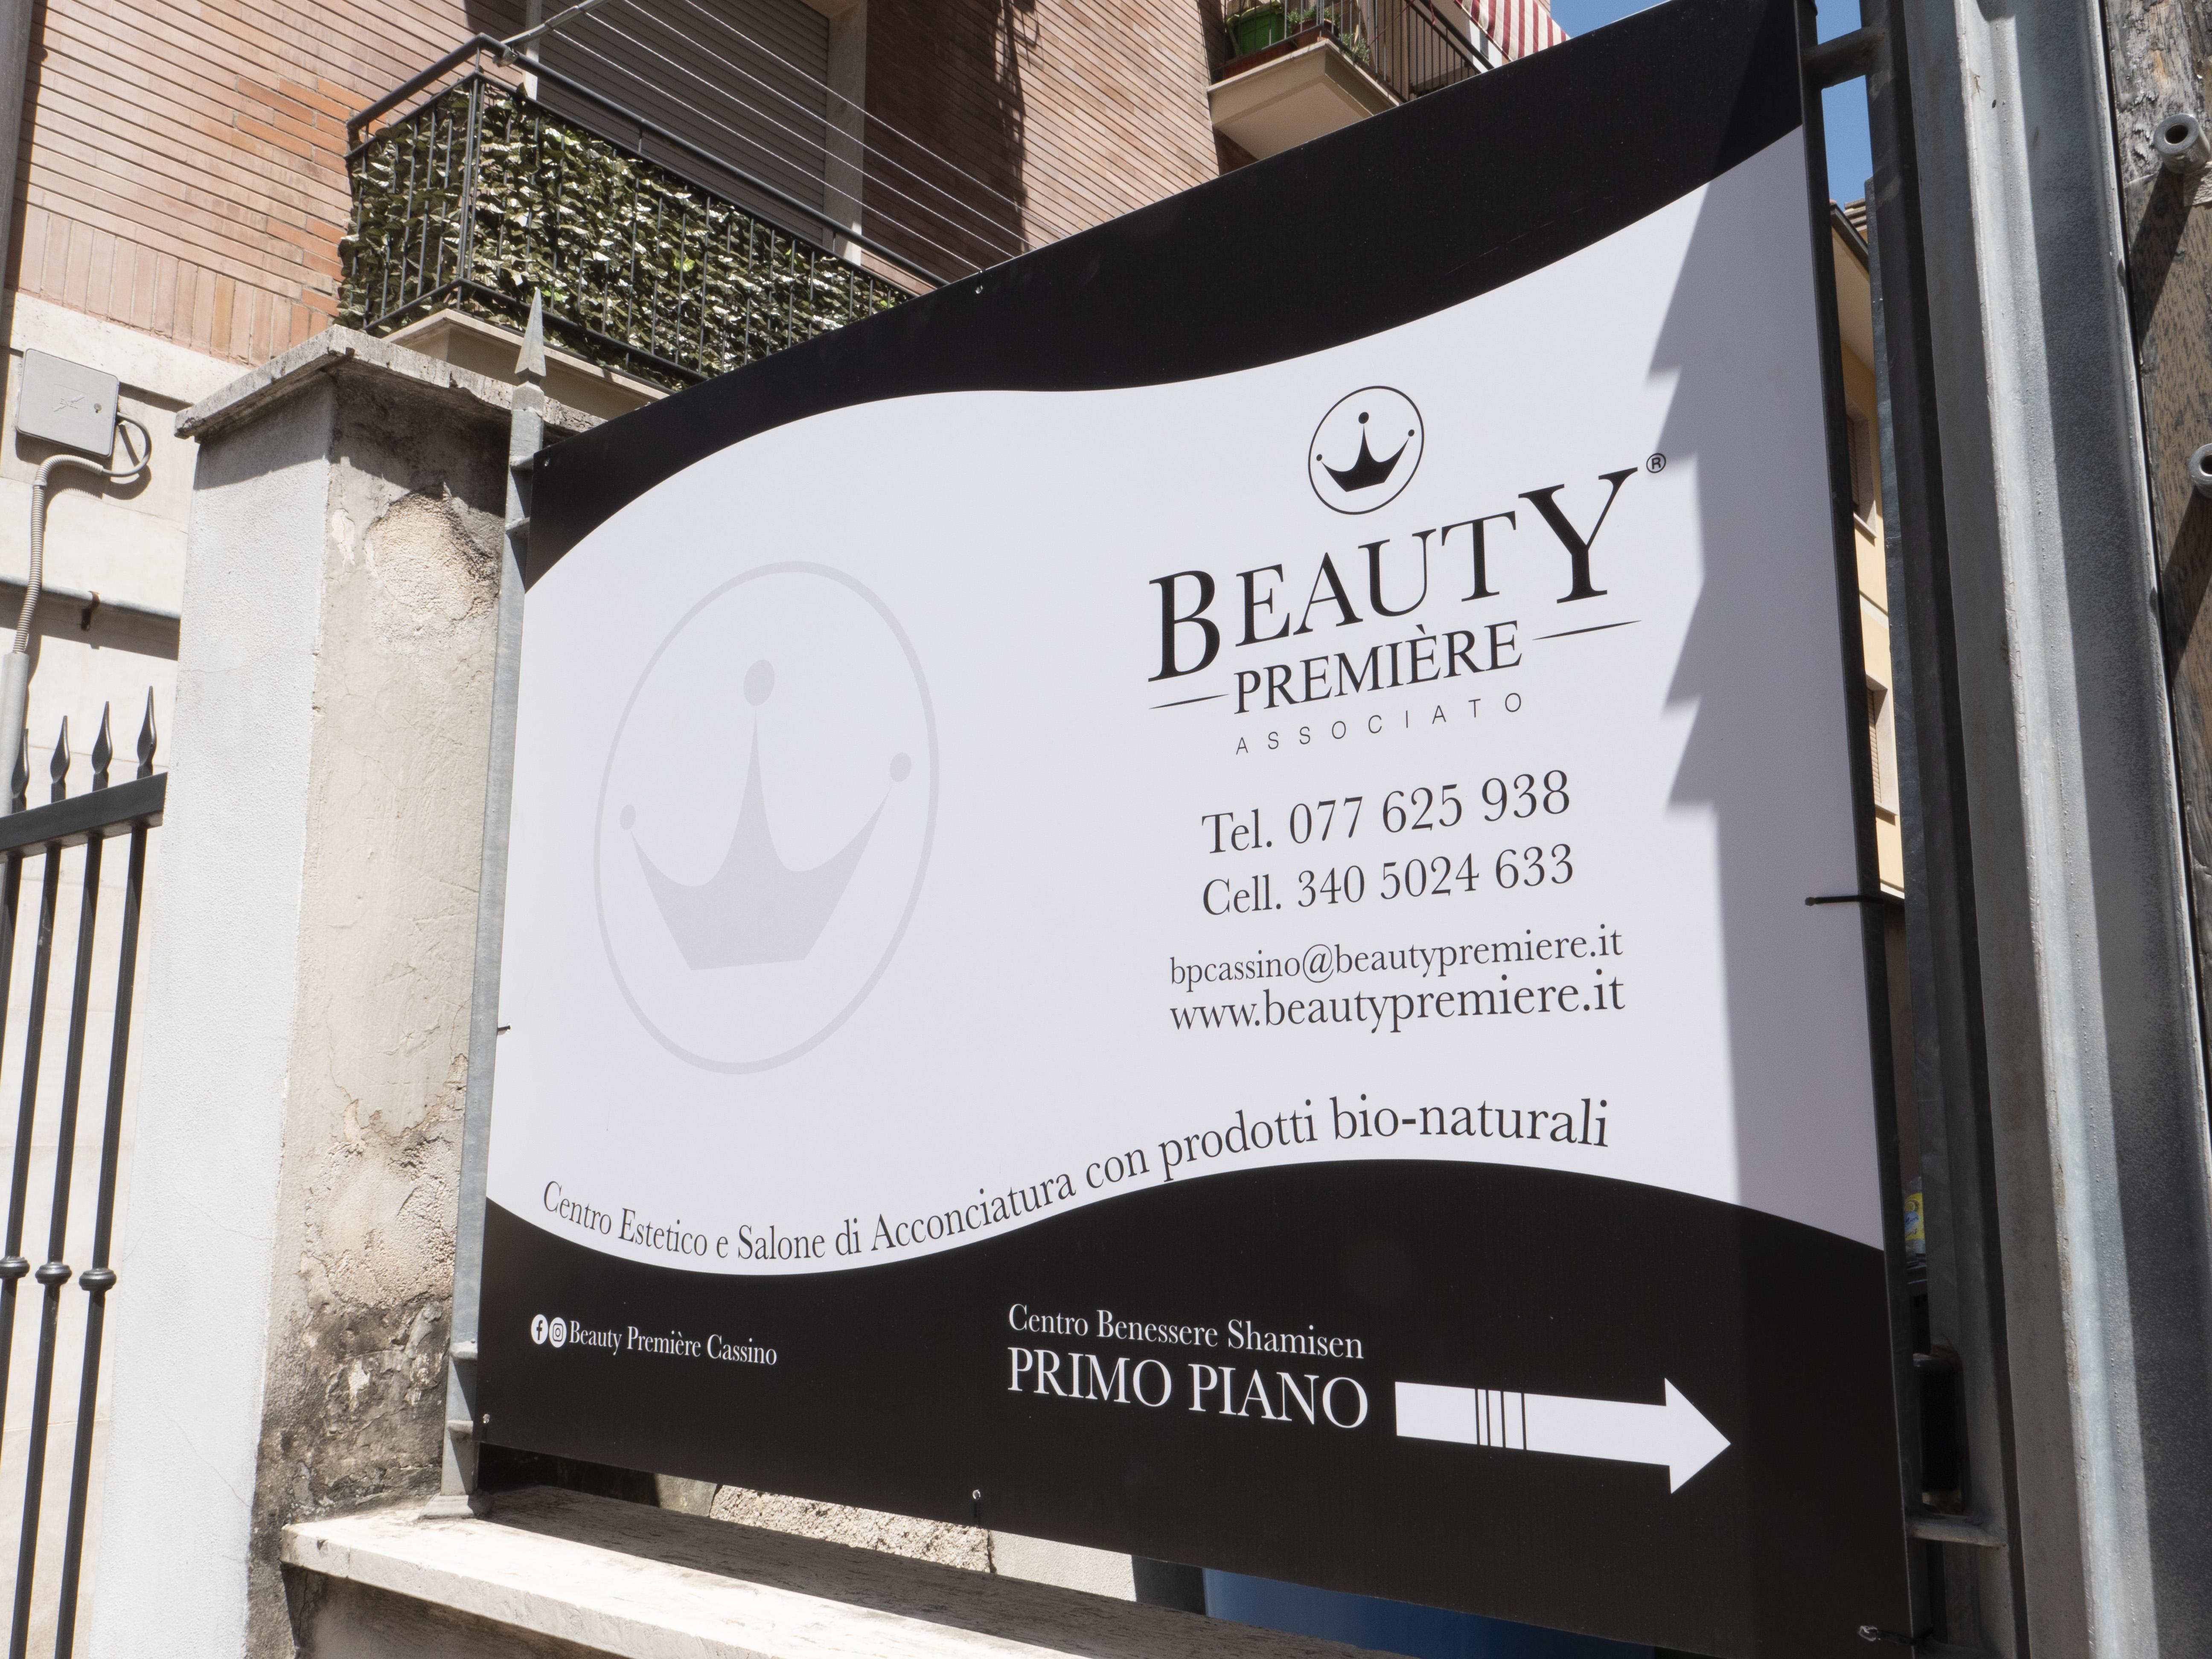 insegna Beauty Première Cassino